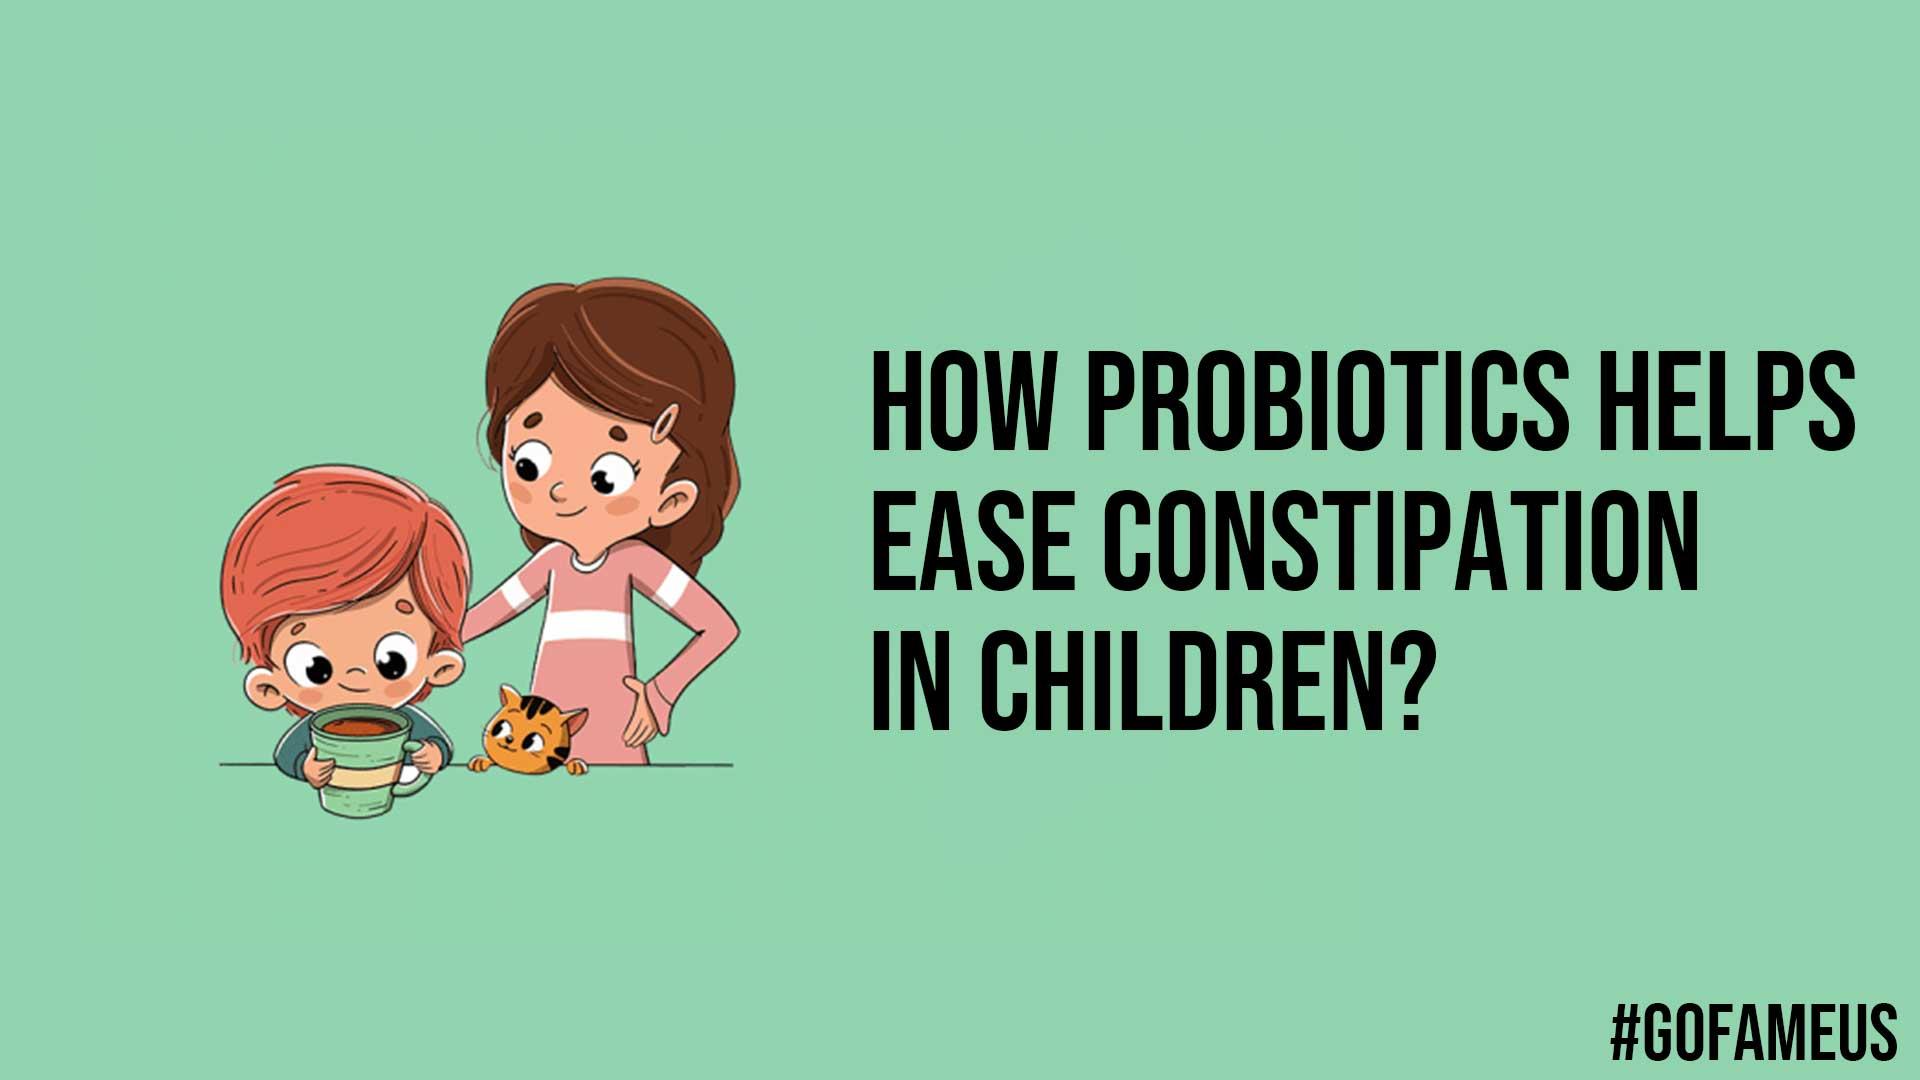 How Probiotics Helps Ease Constipation in Children